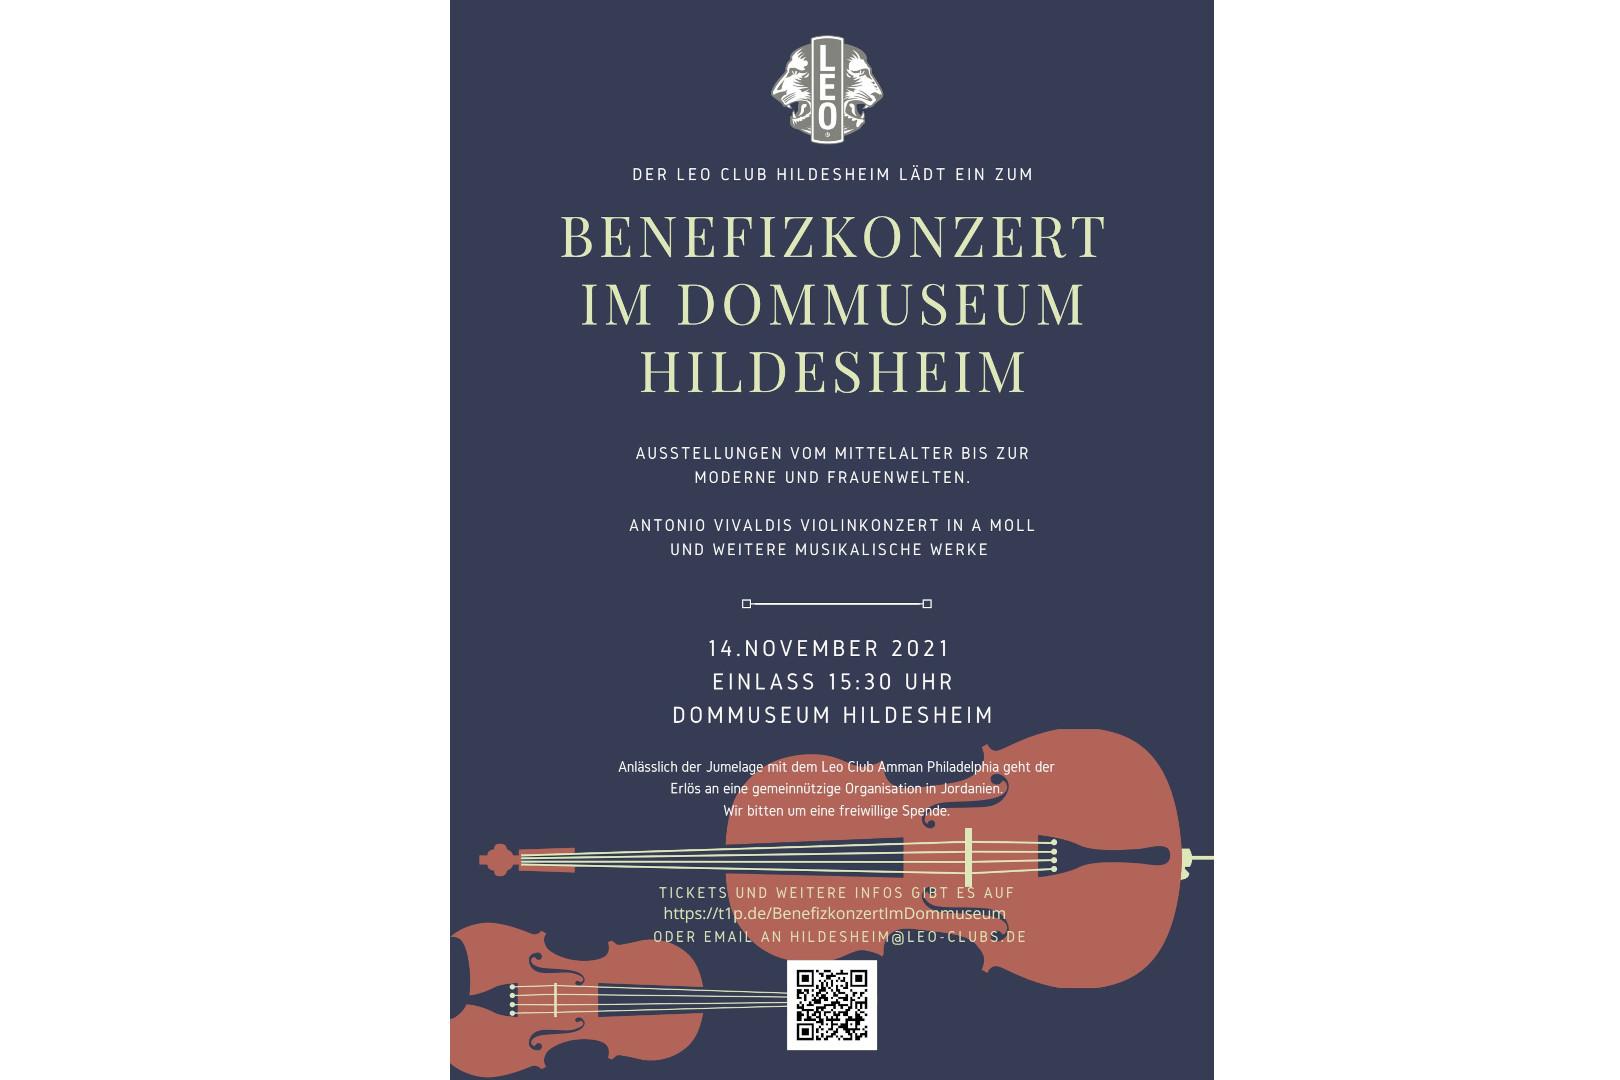 Domkonzert in Hildesheim am 14.11.2021